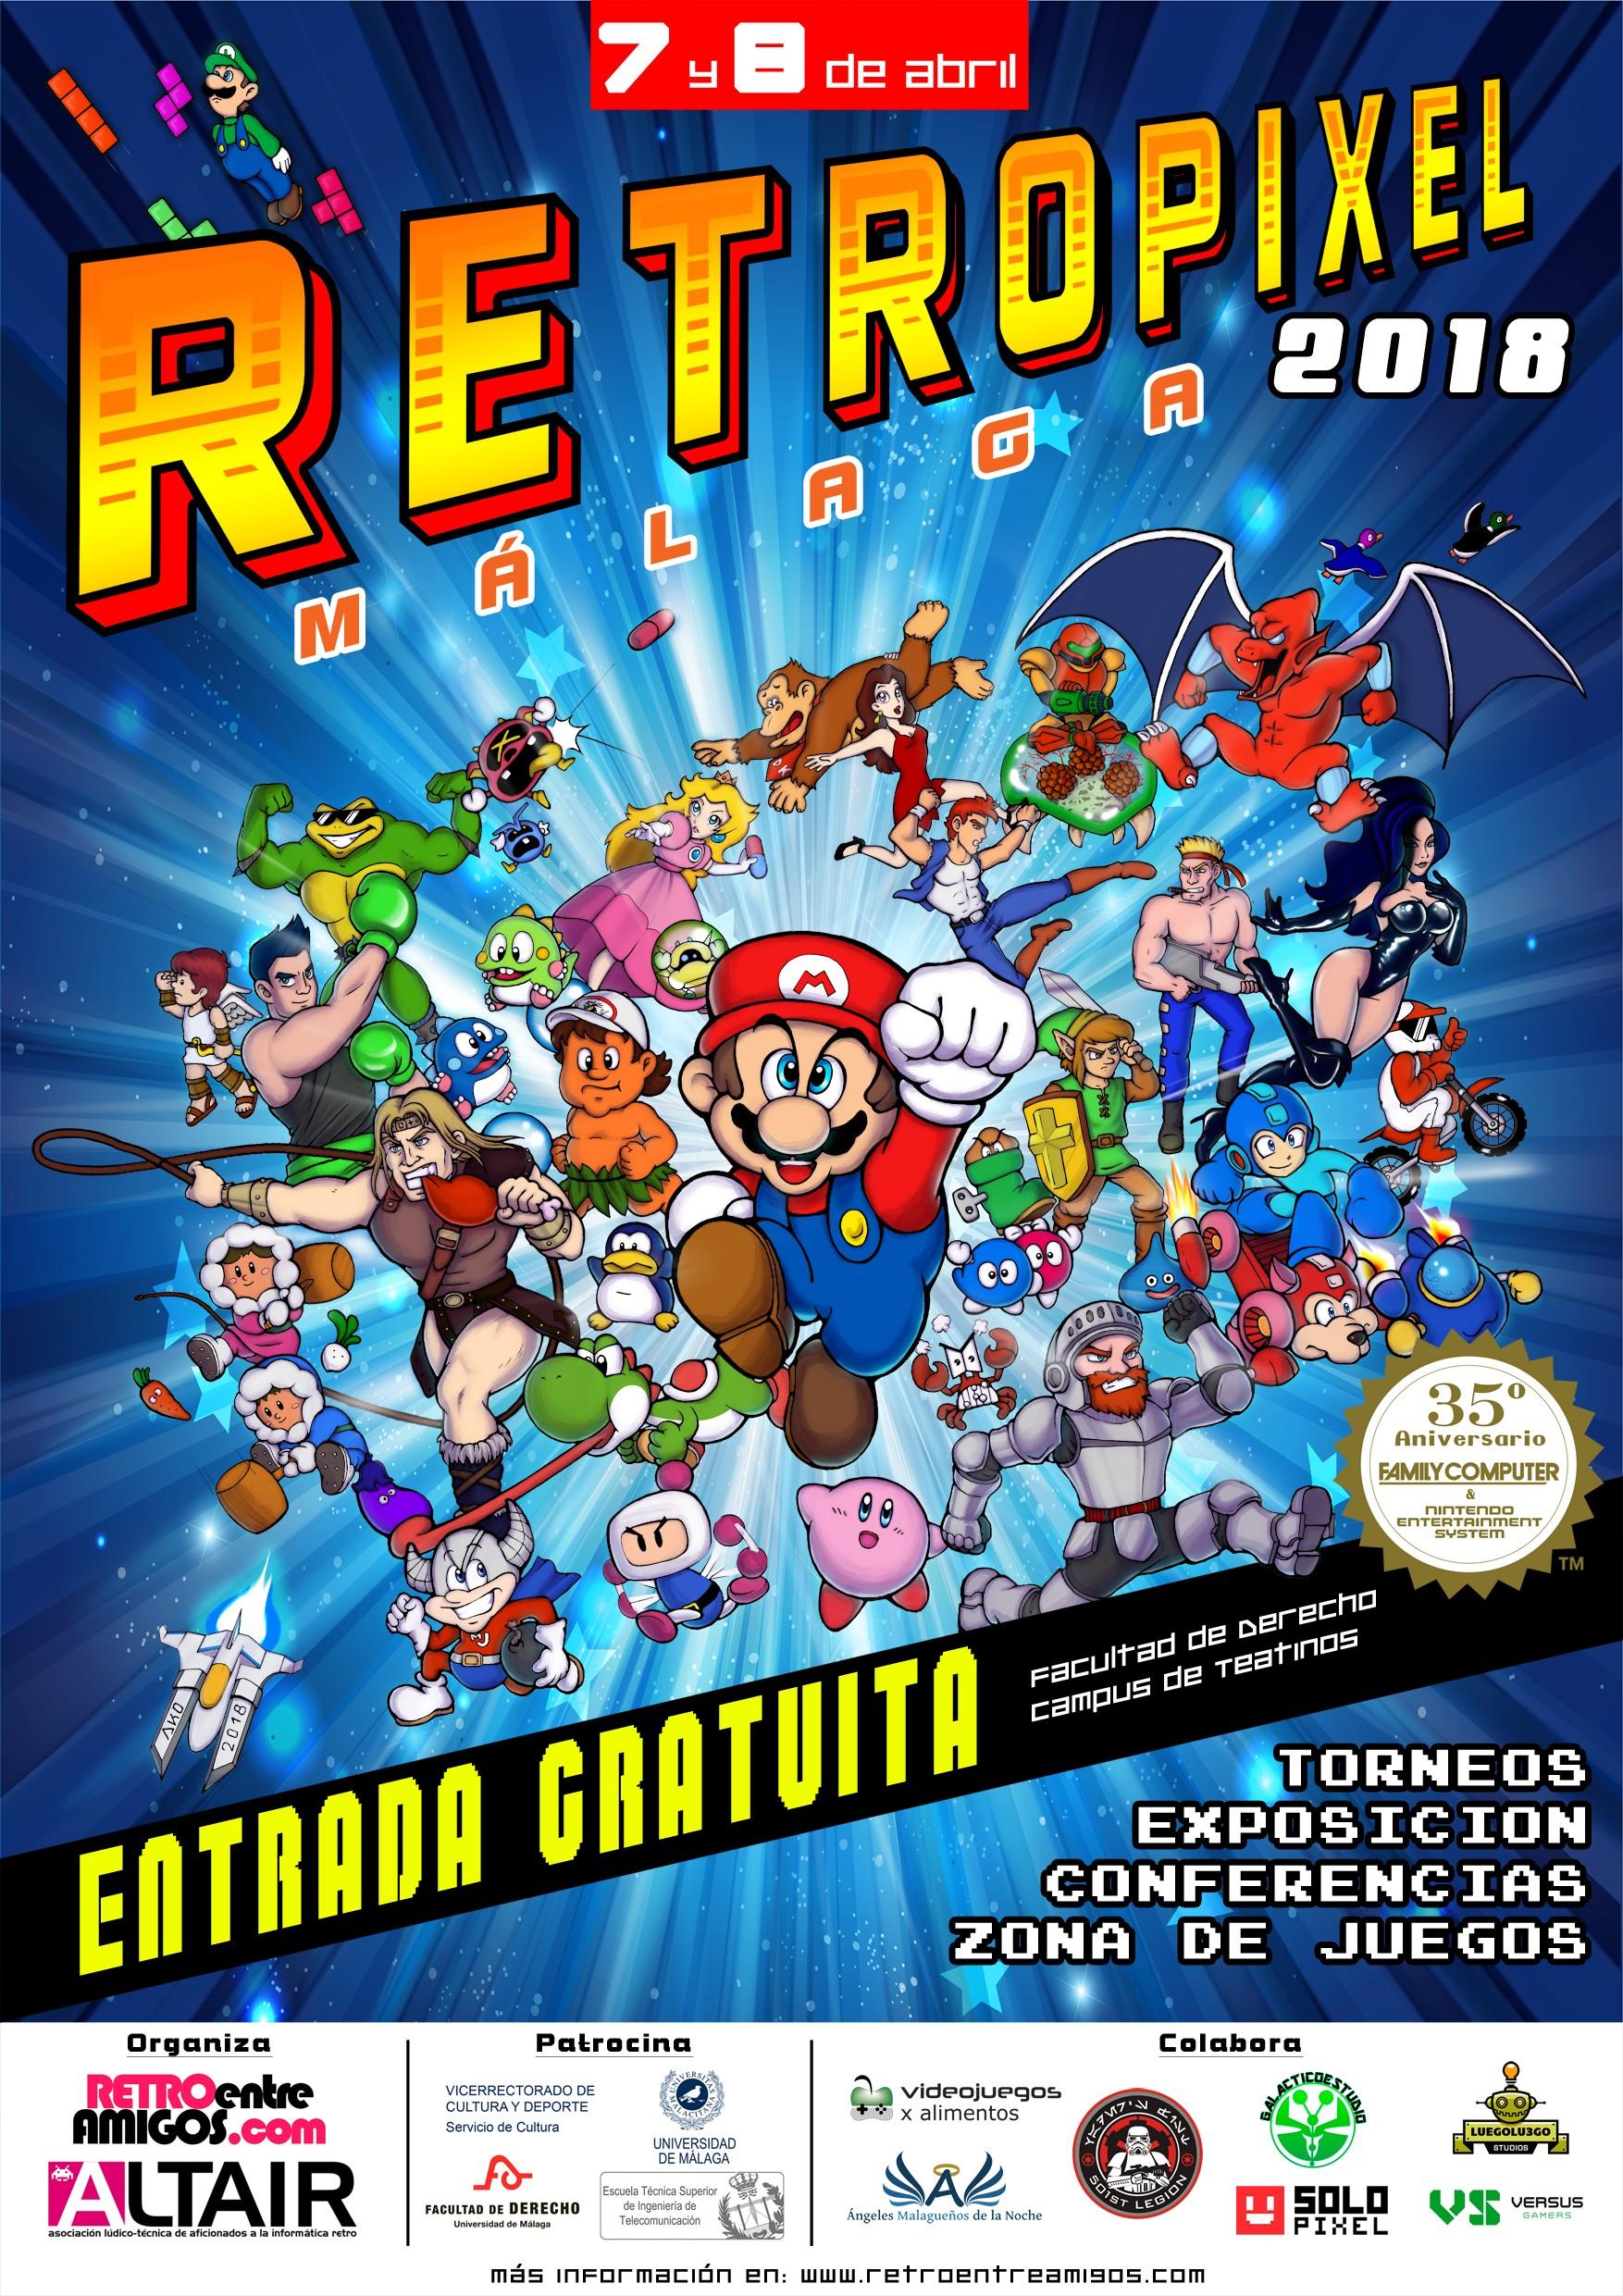 RetroPíxel 2018 Málaga